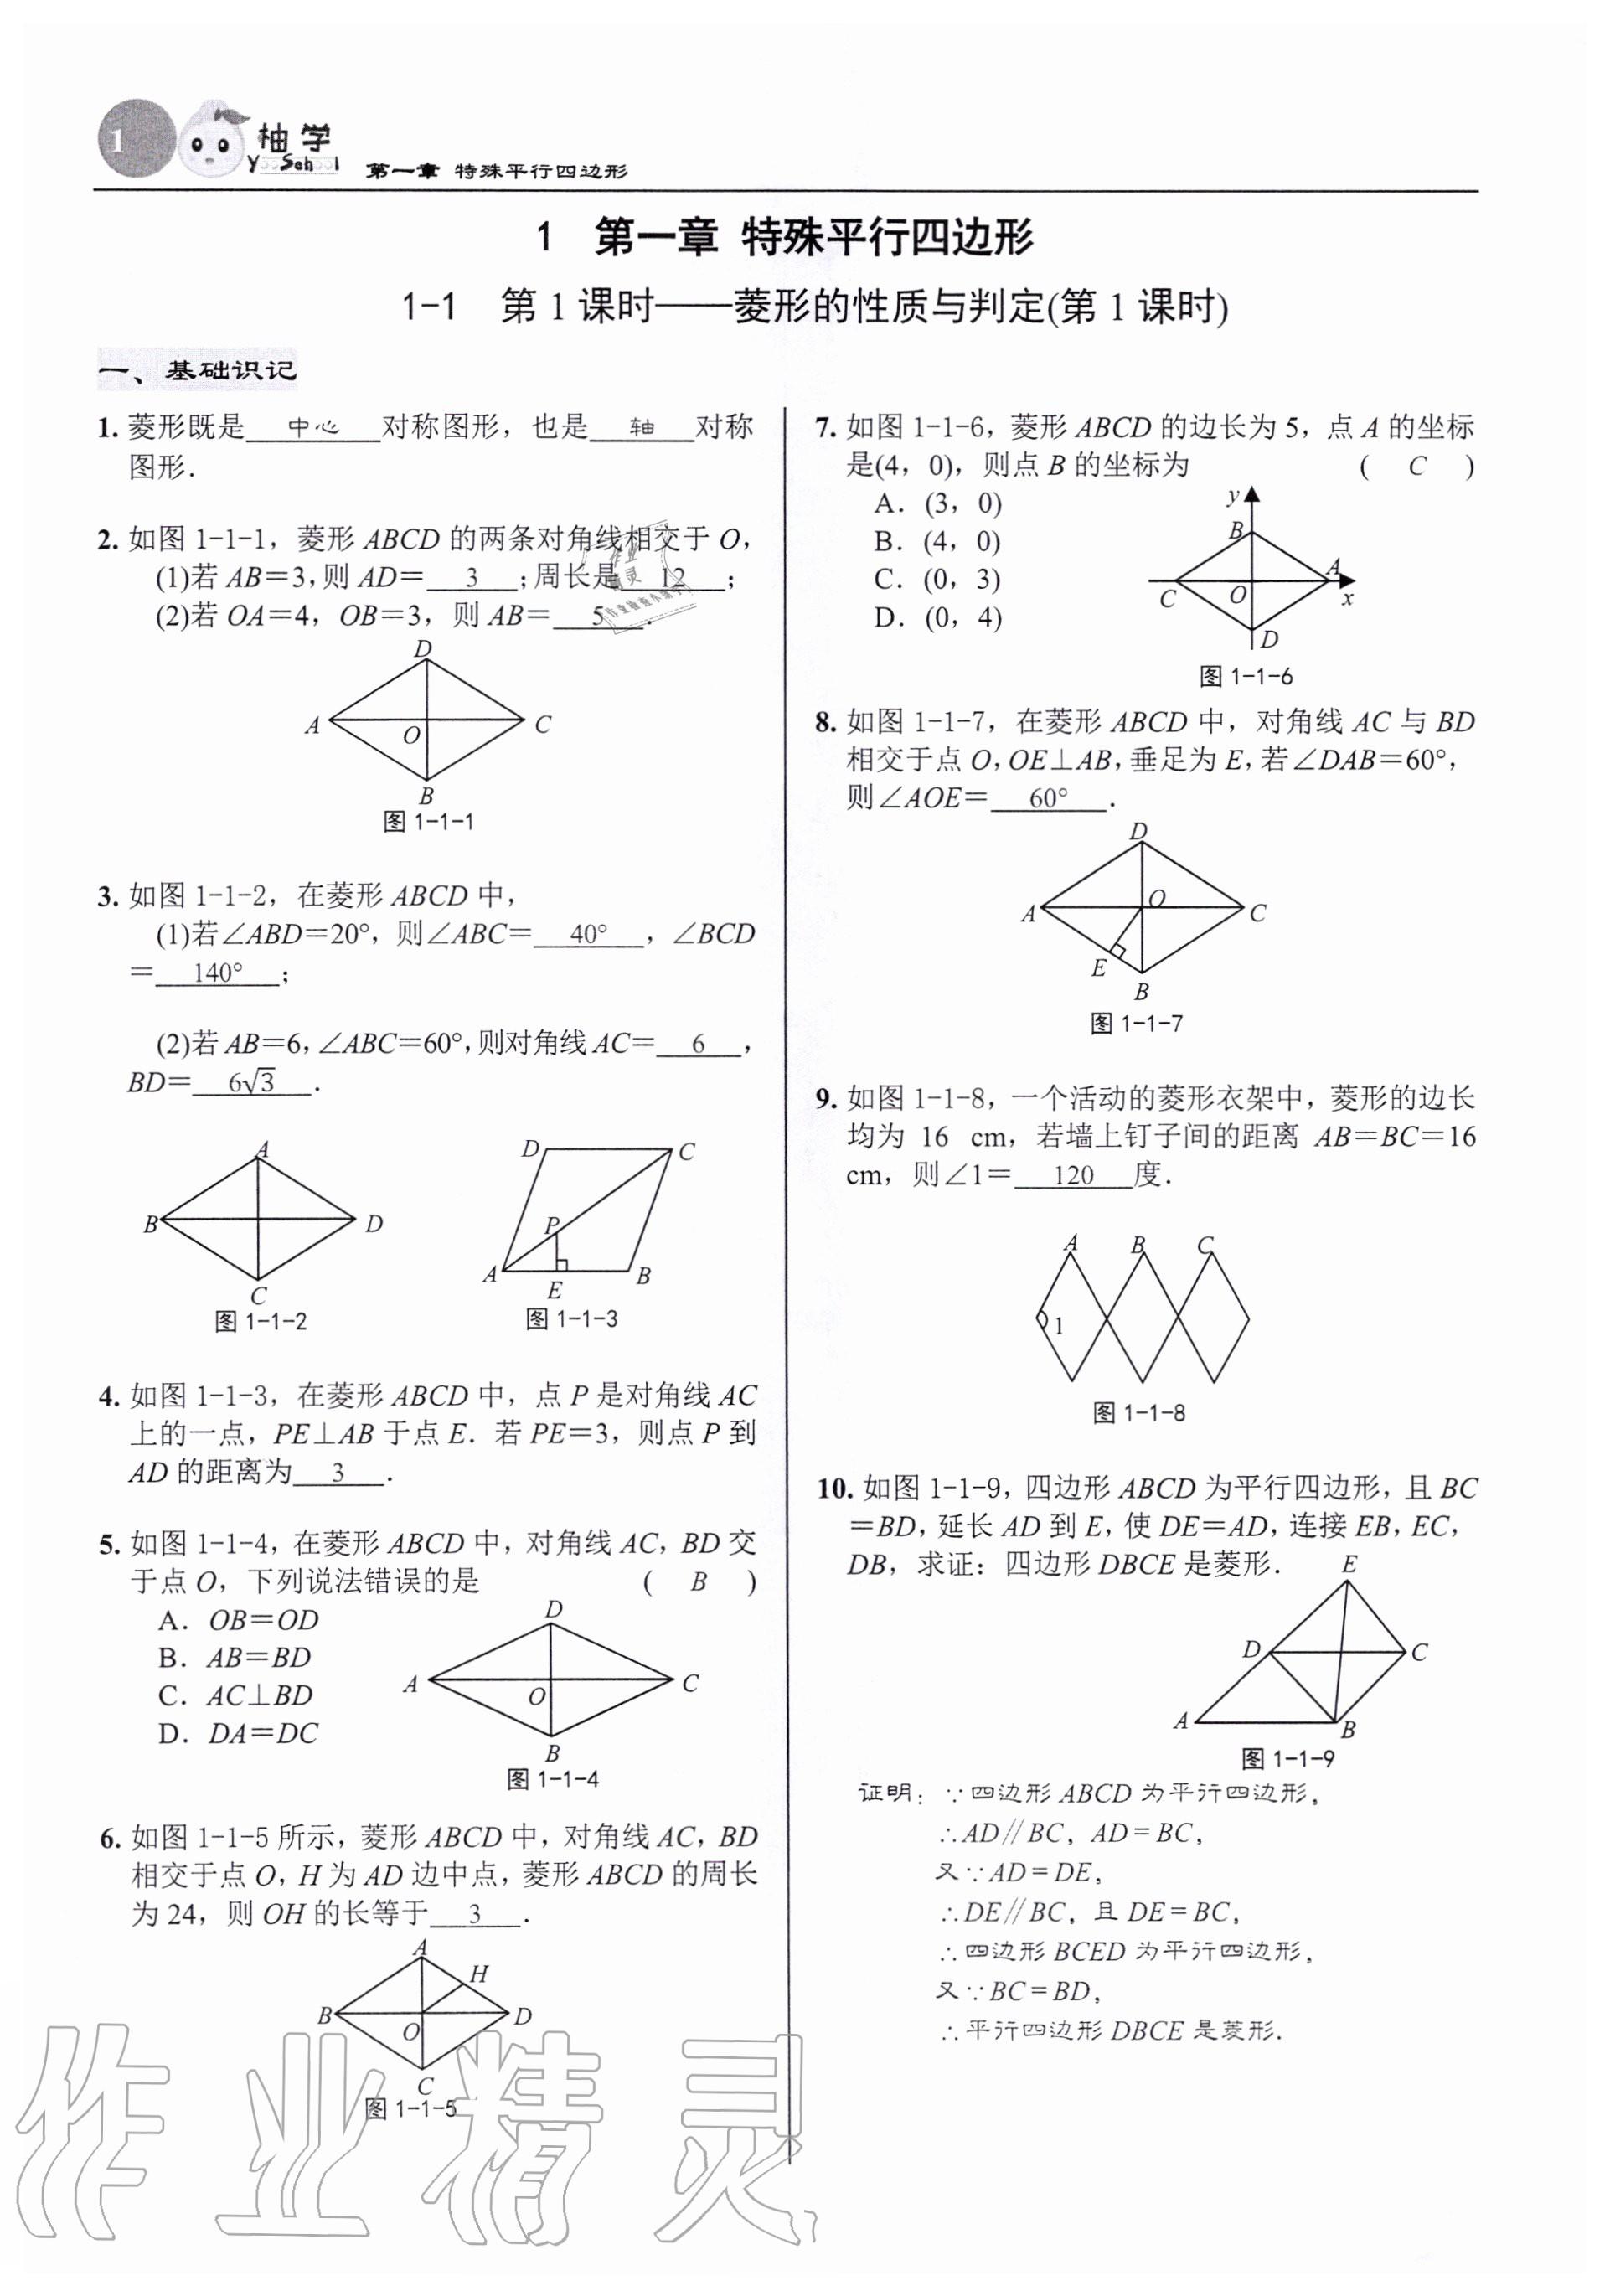 2020年慧学智评九年级数学上册北师大版参考答案第1页